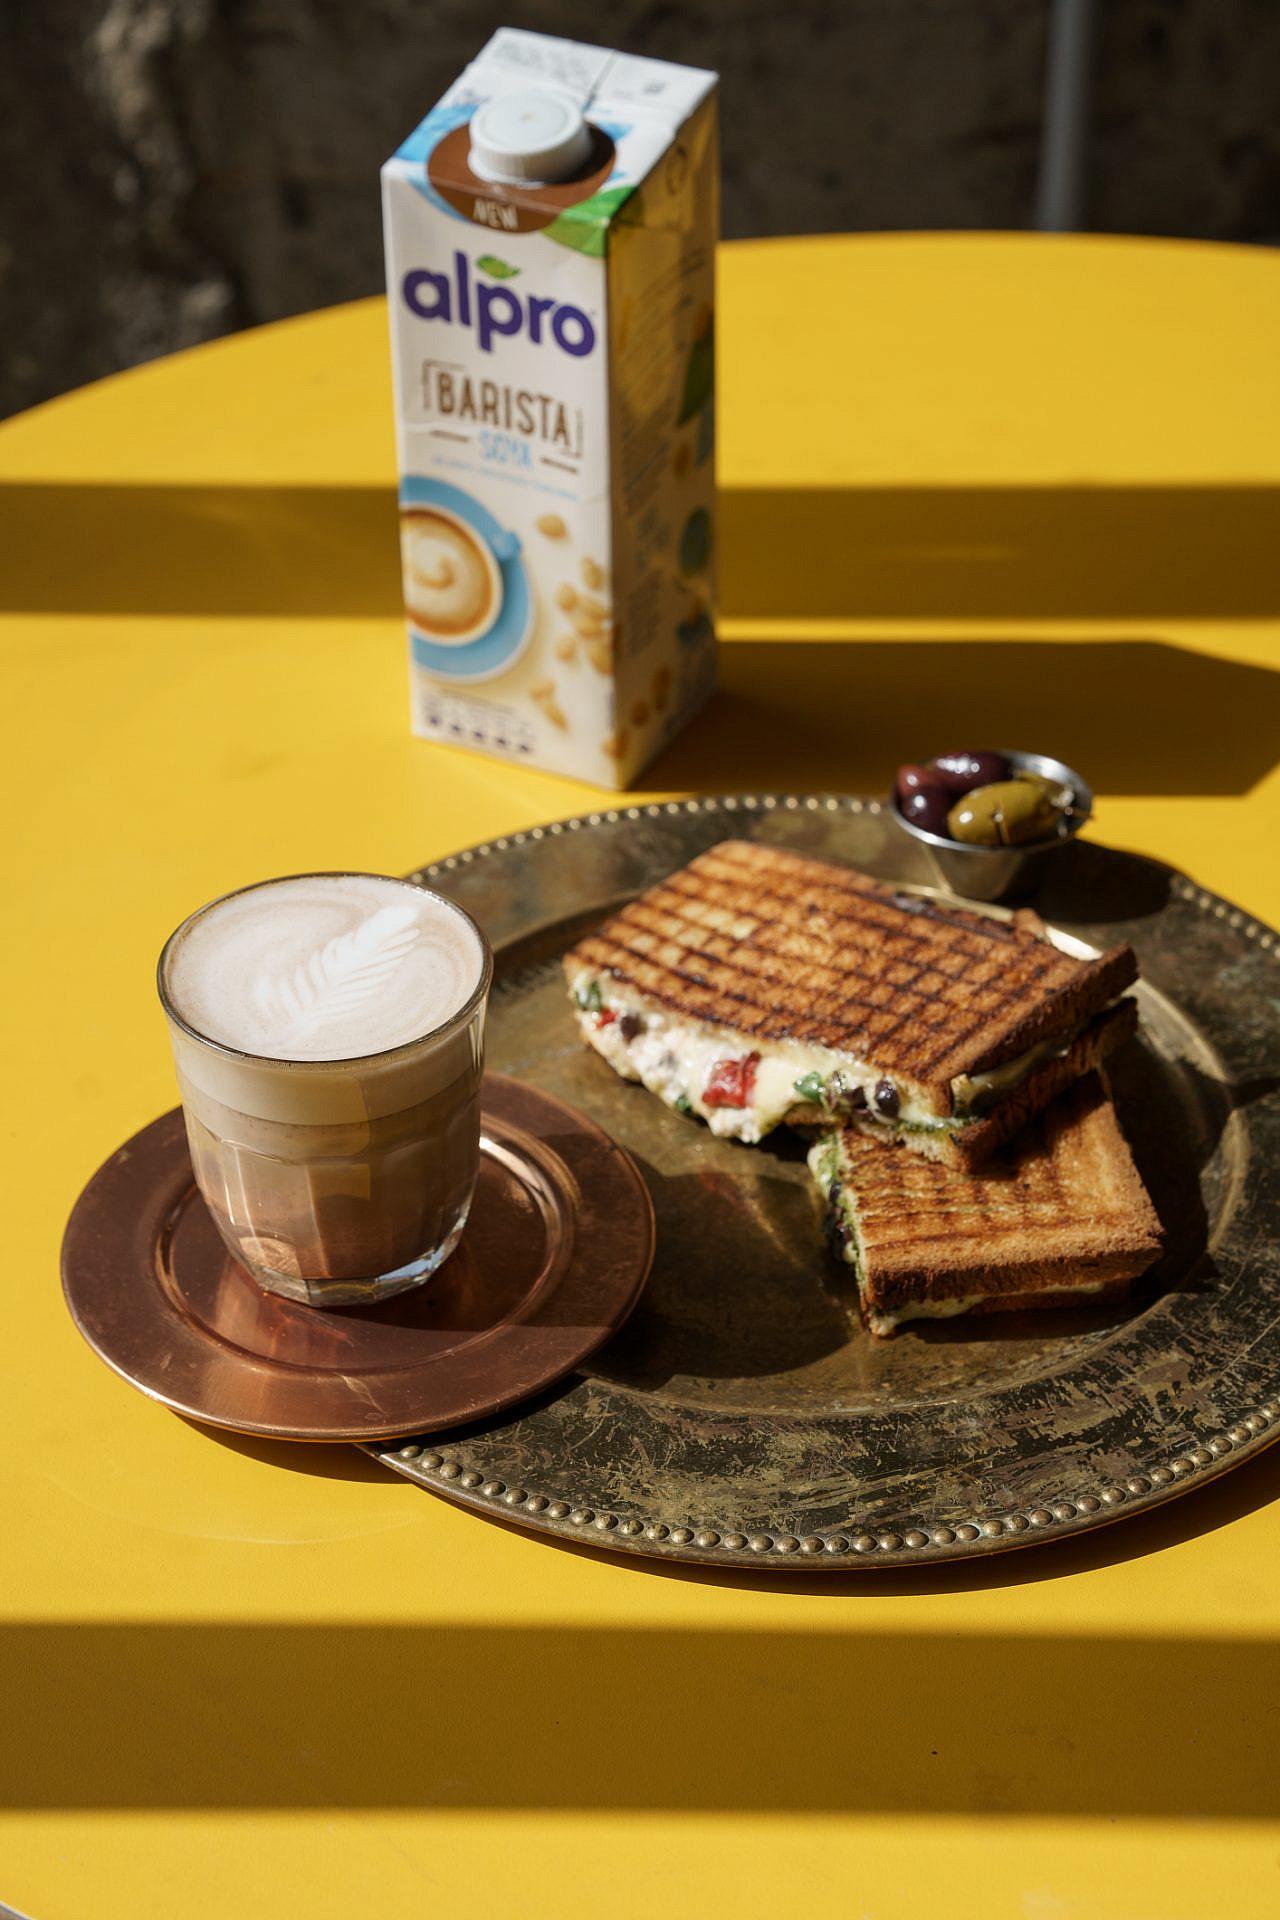 טוסט עכשיו עם קפה תודה. צילום: אנטולי מיכאלו